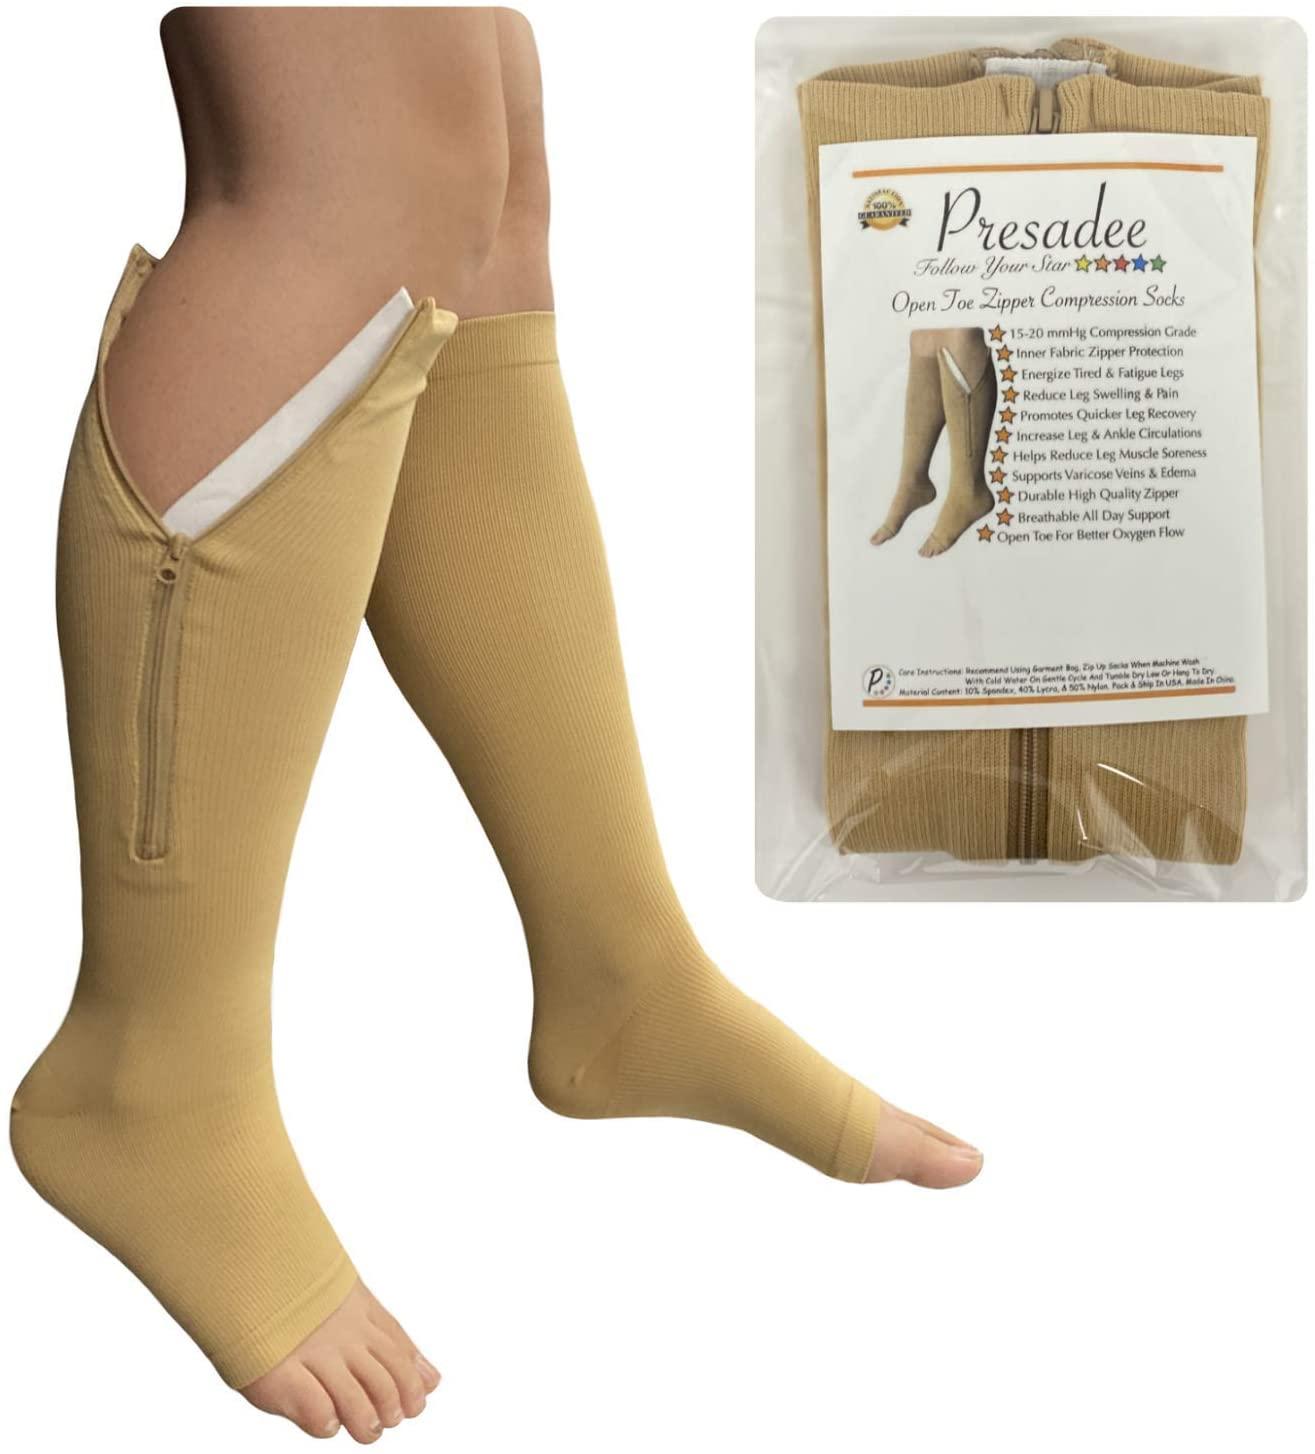 Presadee Open Toe 15-20 mmHg Moderate Compression Leg Calf Swelling Zipper Sock (Beige, S/M)